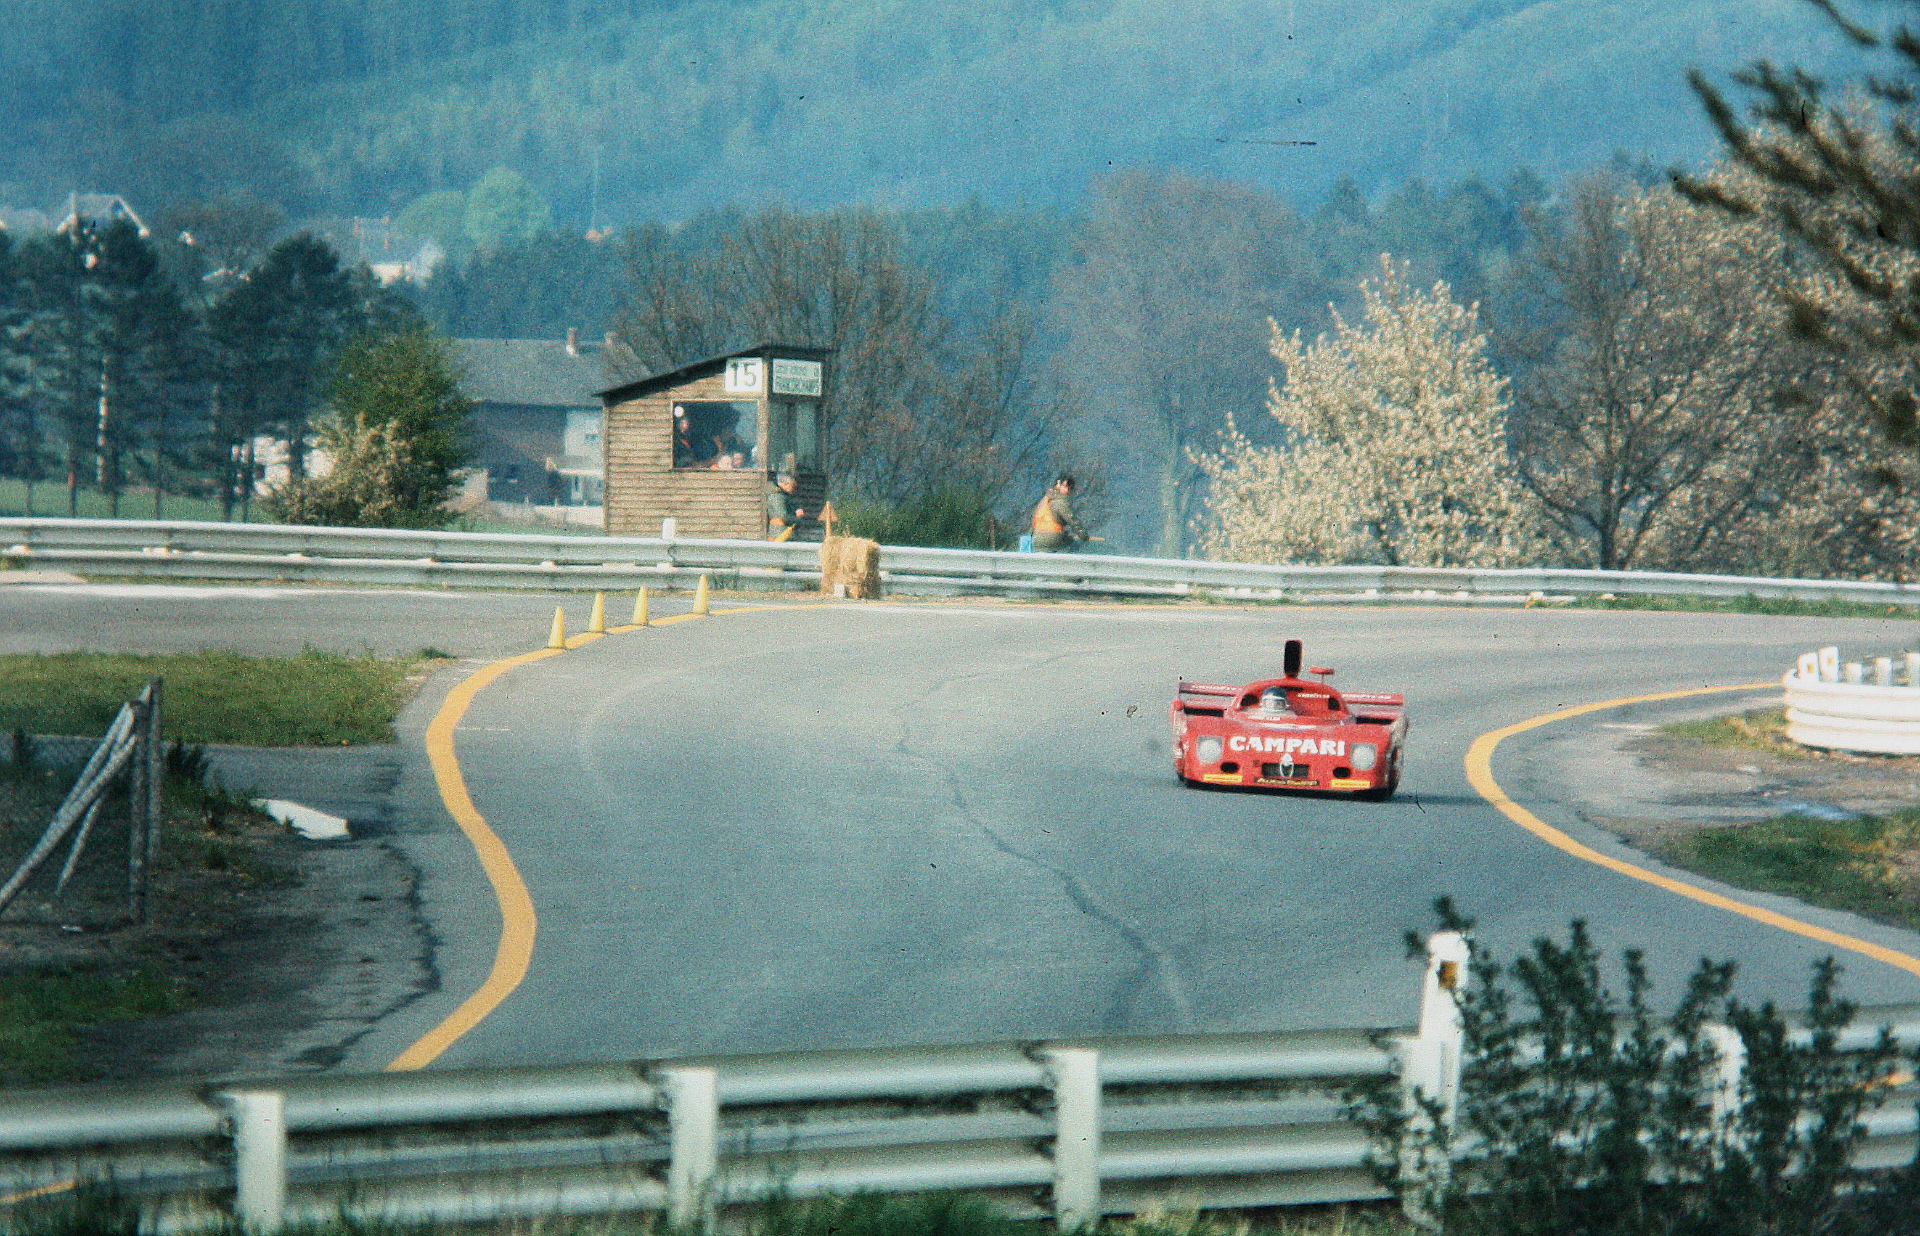 Новейший Nissan GT-R итрагические истории самого устрашающего поворота Формулы-1. Фото 1